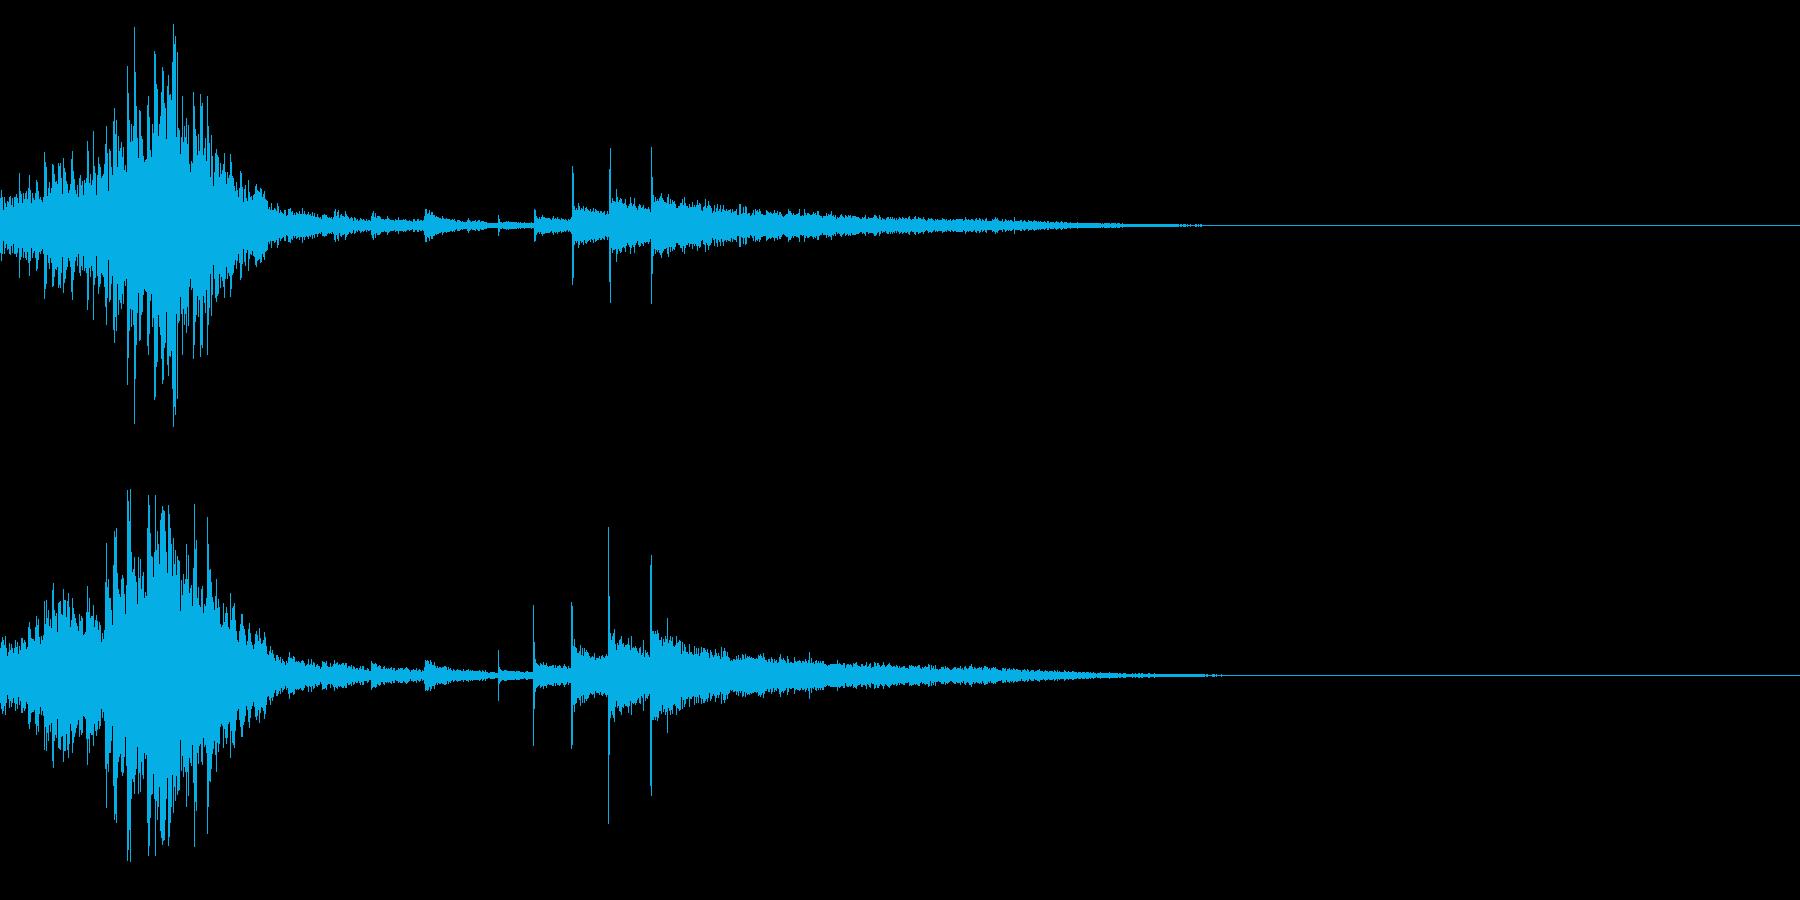 ダララララチンチンチン (ドラムロール)の再生済みの波形